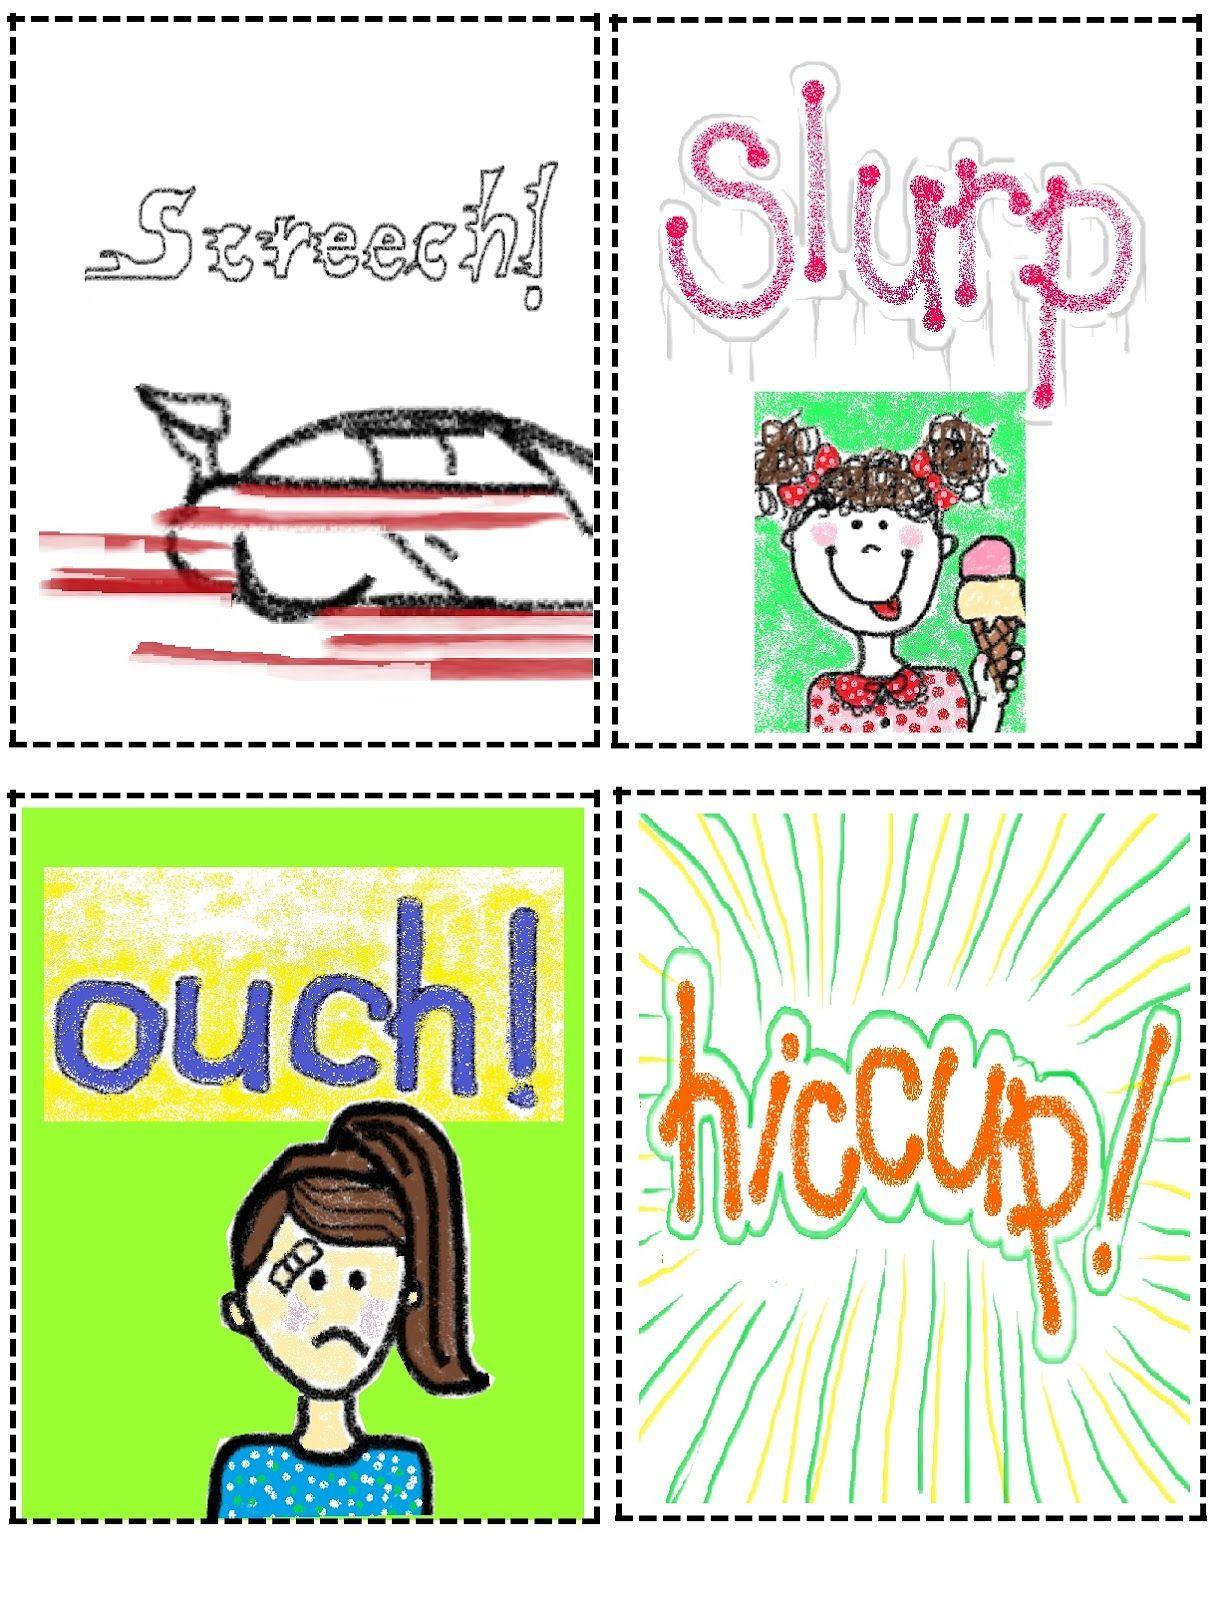 onomatopoeia | Classroom Fun - Writing | Pinterest ...